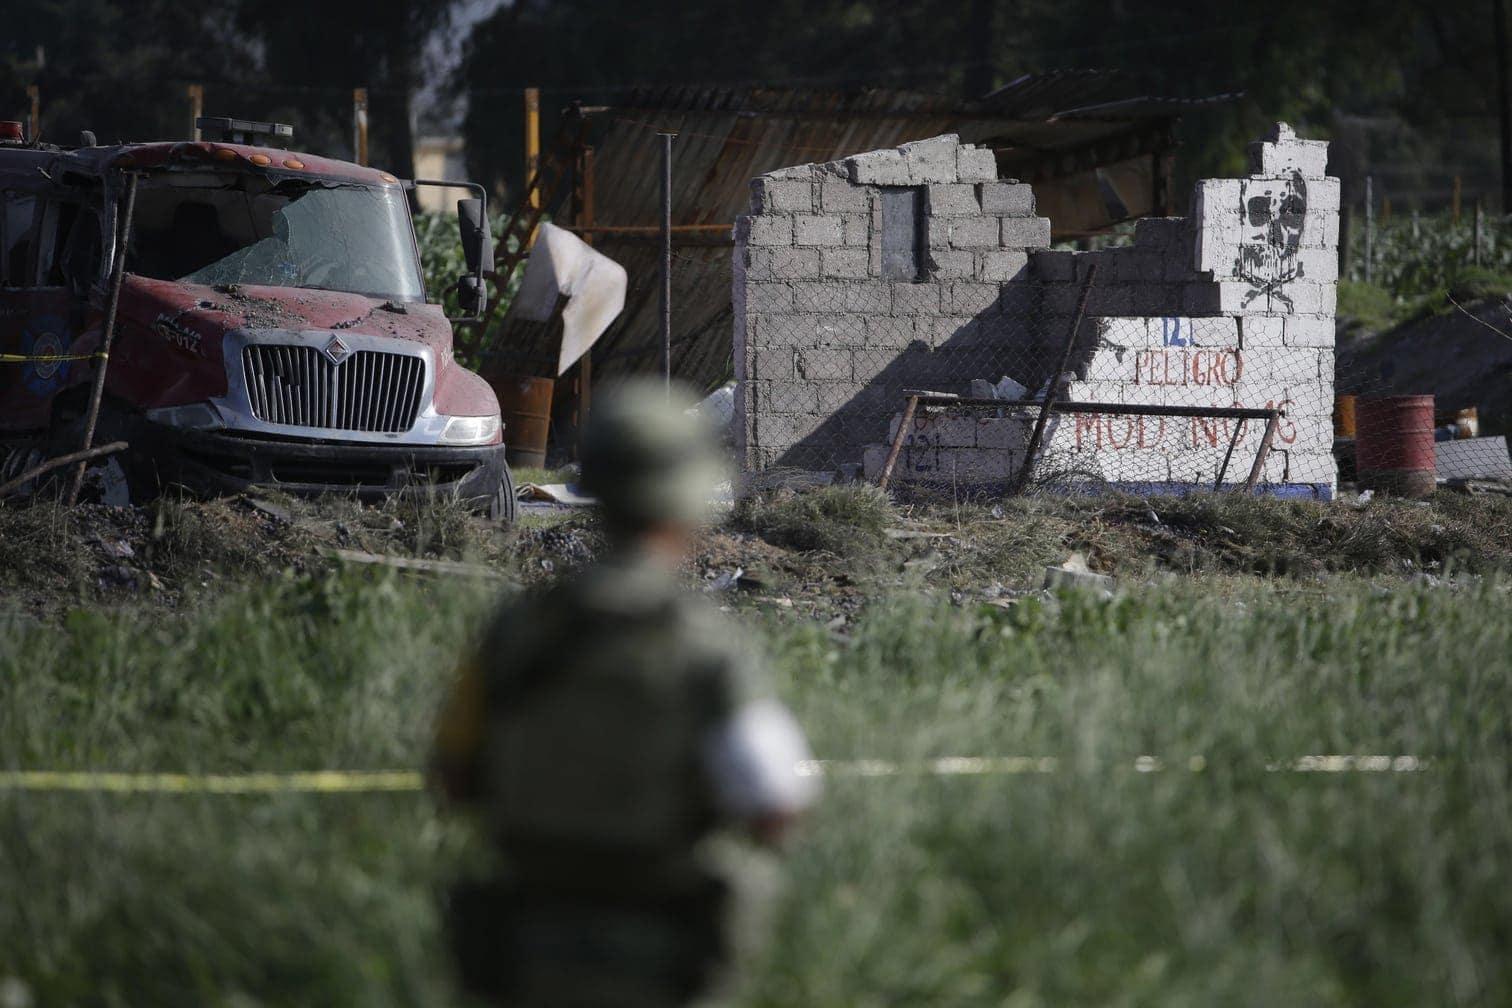 vier Feuerwehrleute und ein Mitarbeiter des Zivilschutzes ums Leben gekommen. 17 Menschen starben noch vor Ort